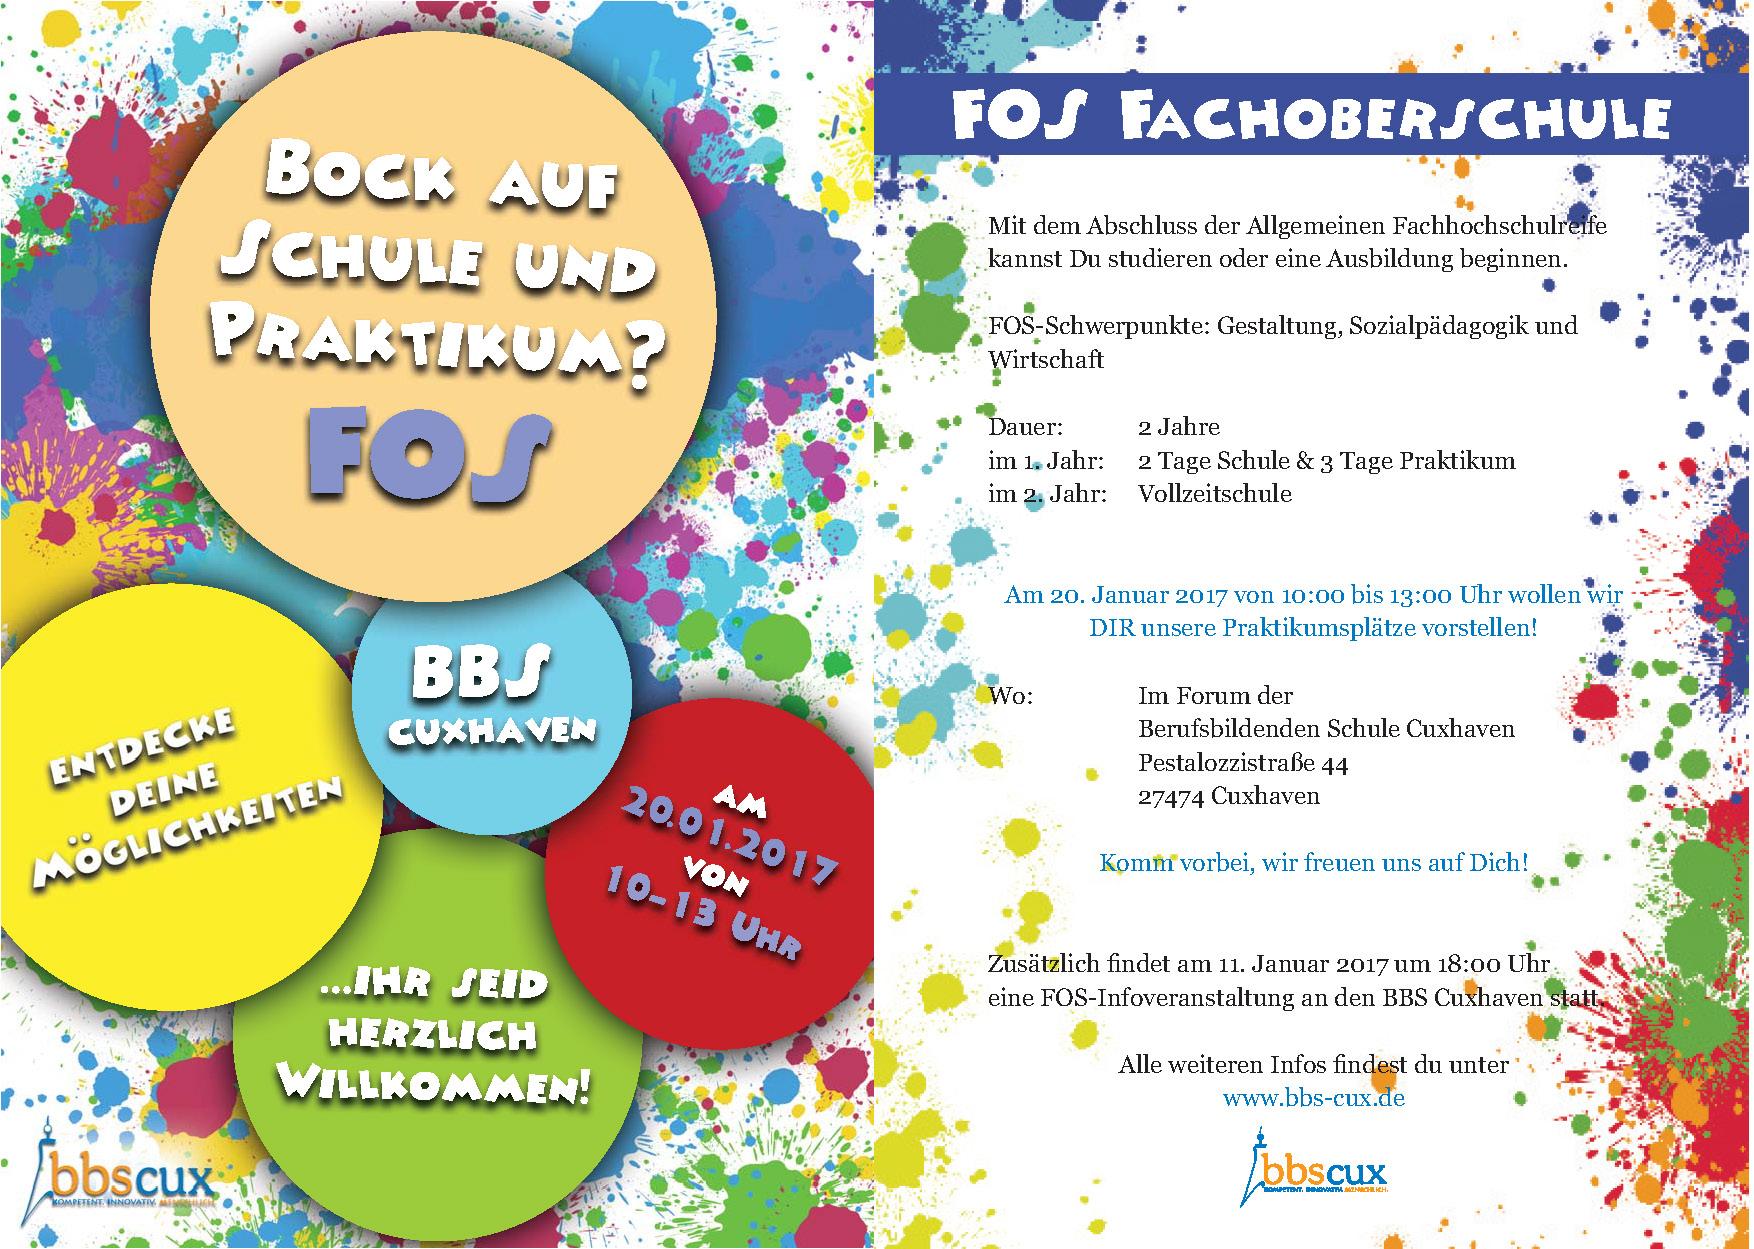 flyer_fos_fachoberschule_bbs_cux_seite_2